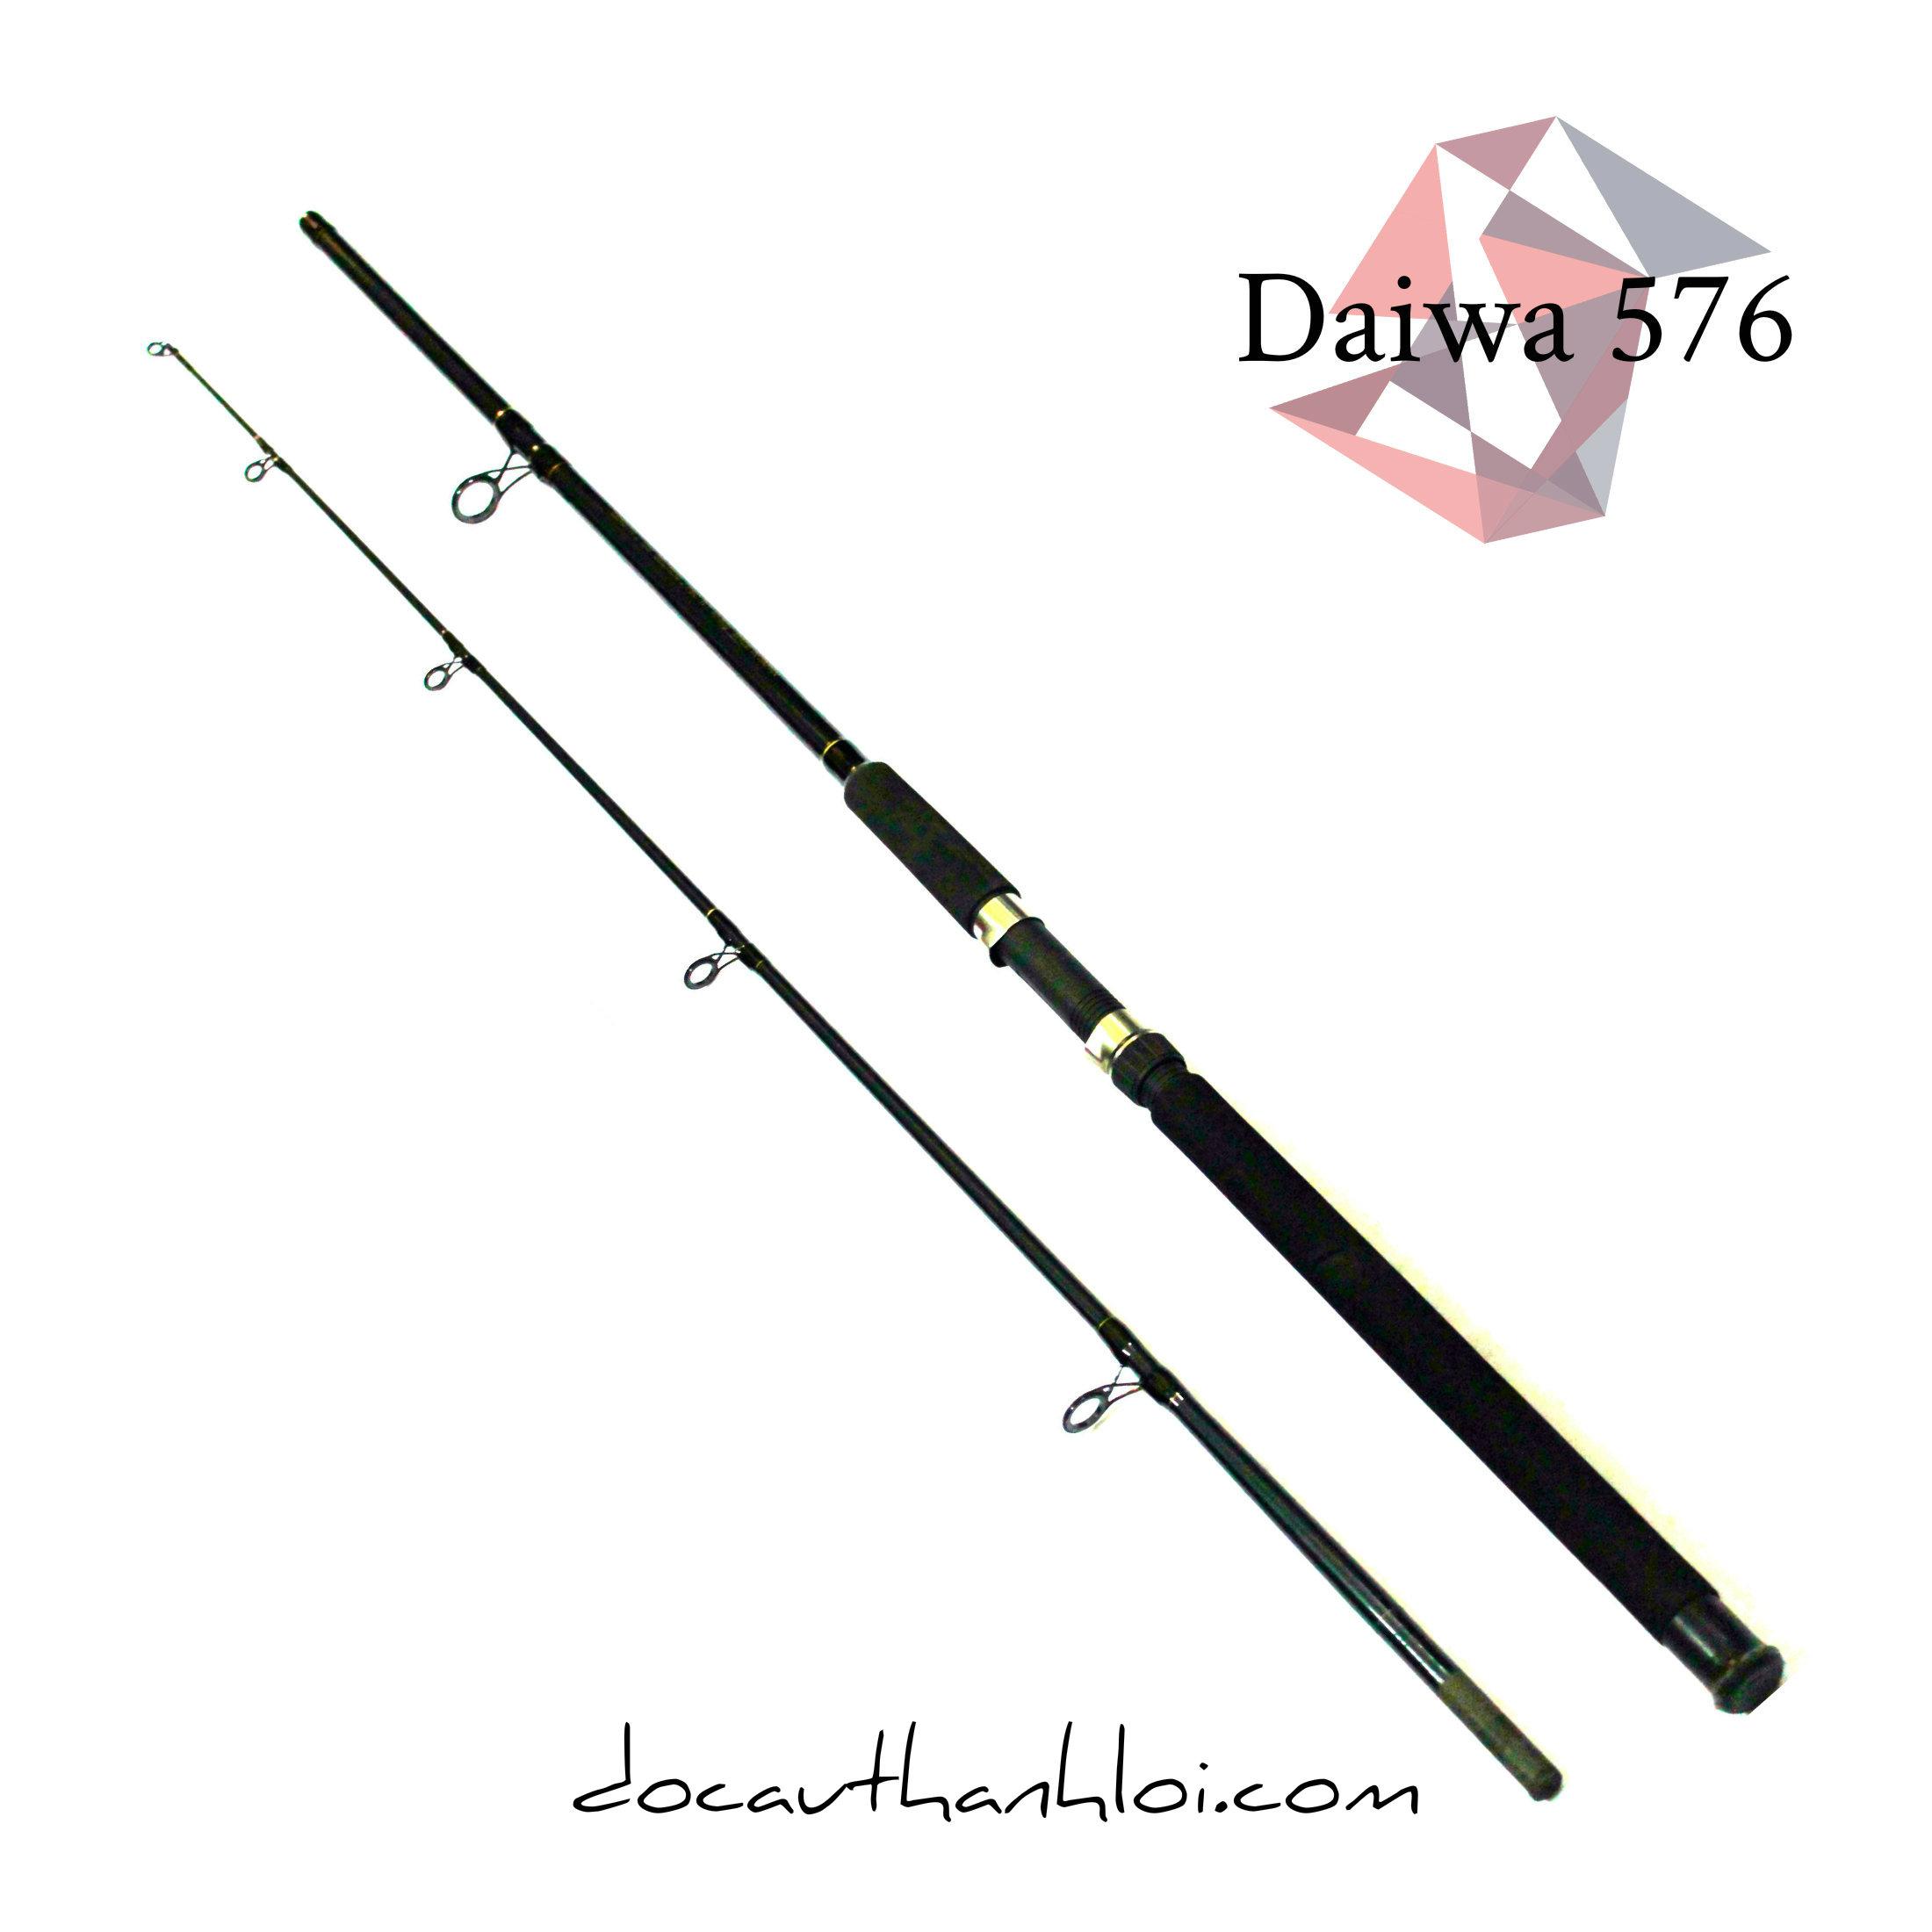 Cần Daiwa 576 (2m1/2m4/2m7/3m)